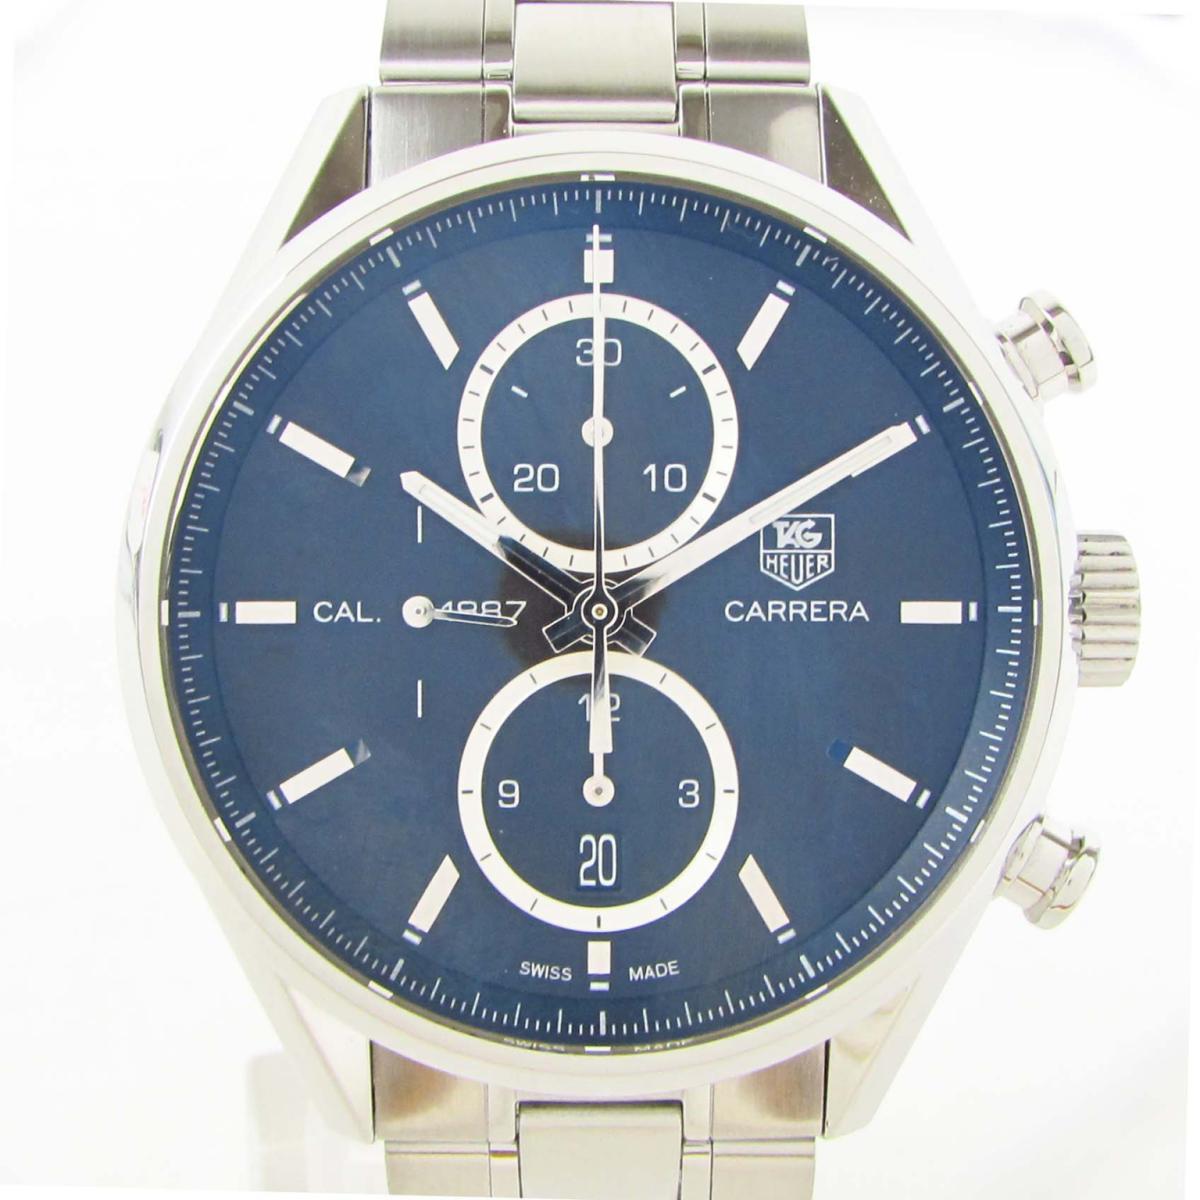 【中古】 タグ・ホイヤー カレラクロノグラフ キャリバー1887 ウォッチ 腕時計 メンズ ステンレススチール (SS) (CAR2110-0) | TAG HEUER BRANDOFF ブランドオフ ブランド ブランド時計 ブランド腕時計 時計